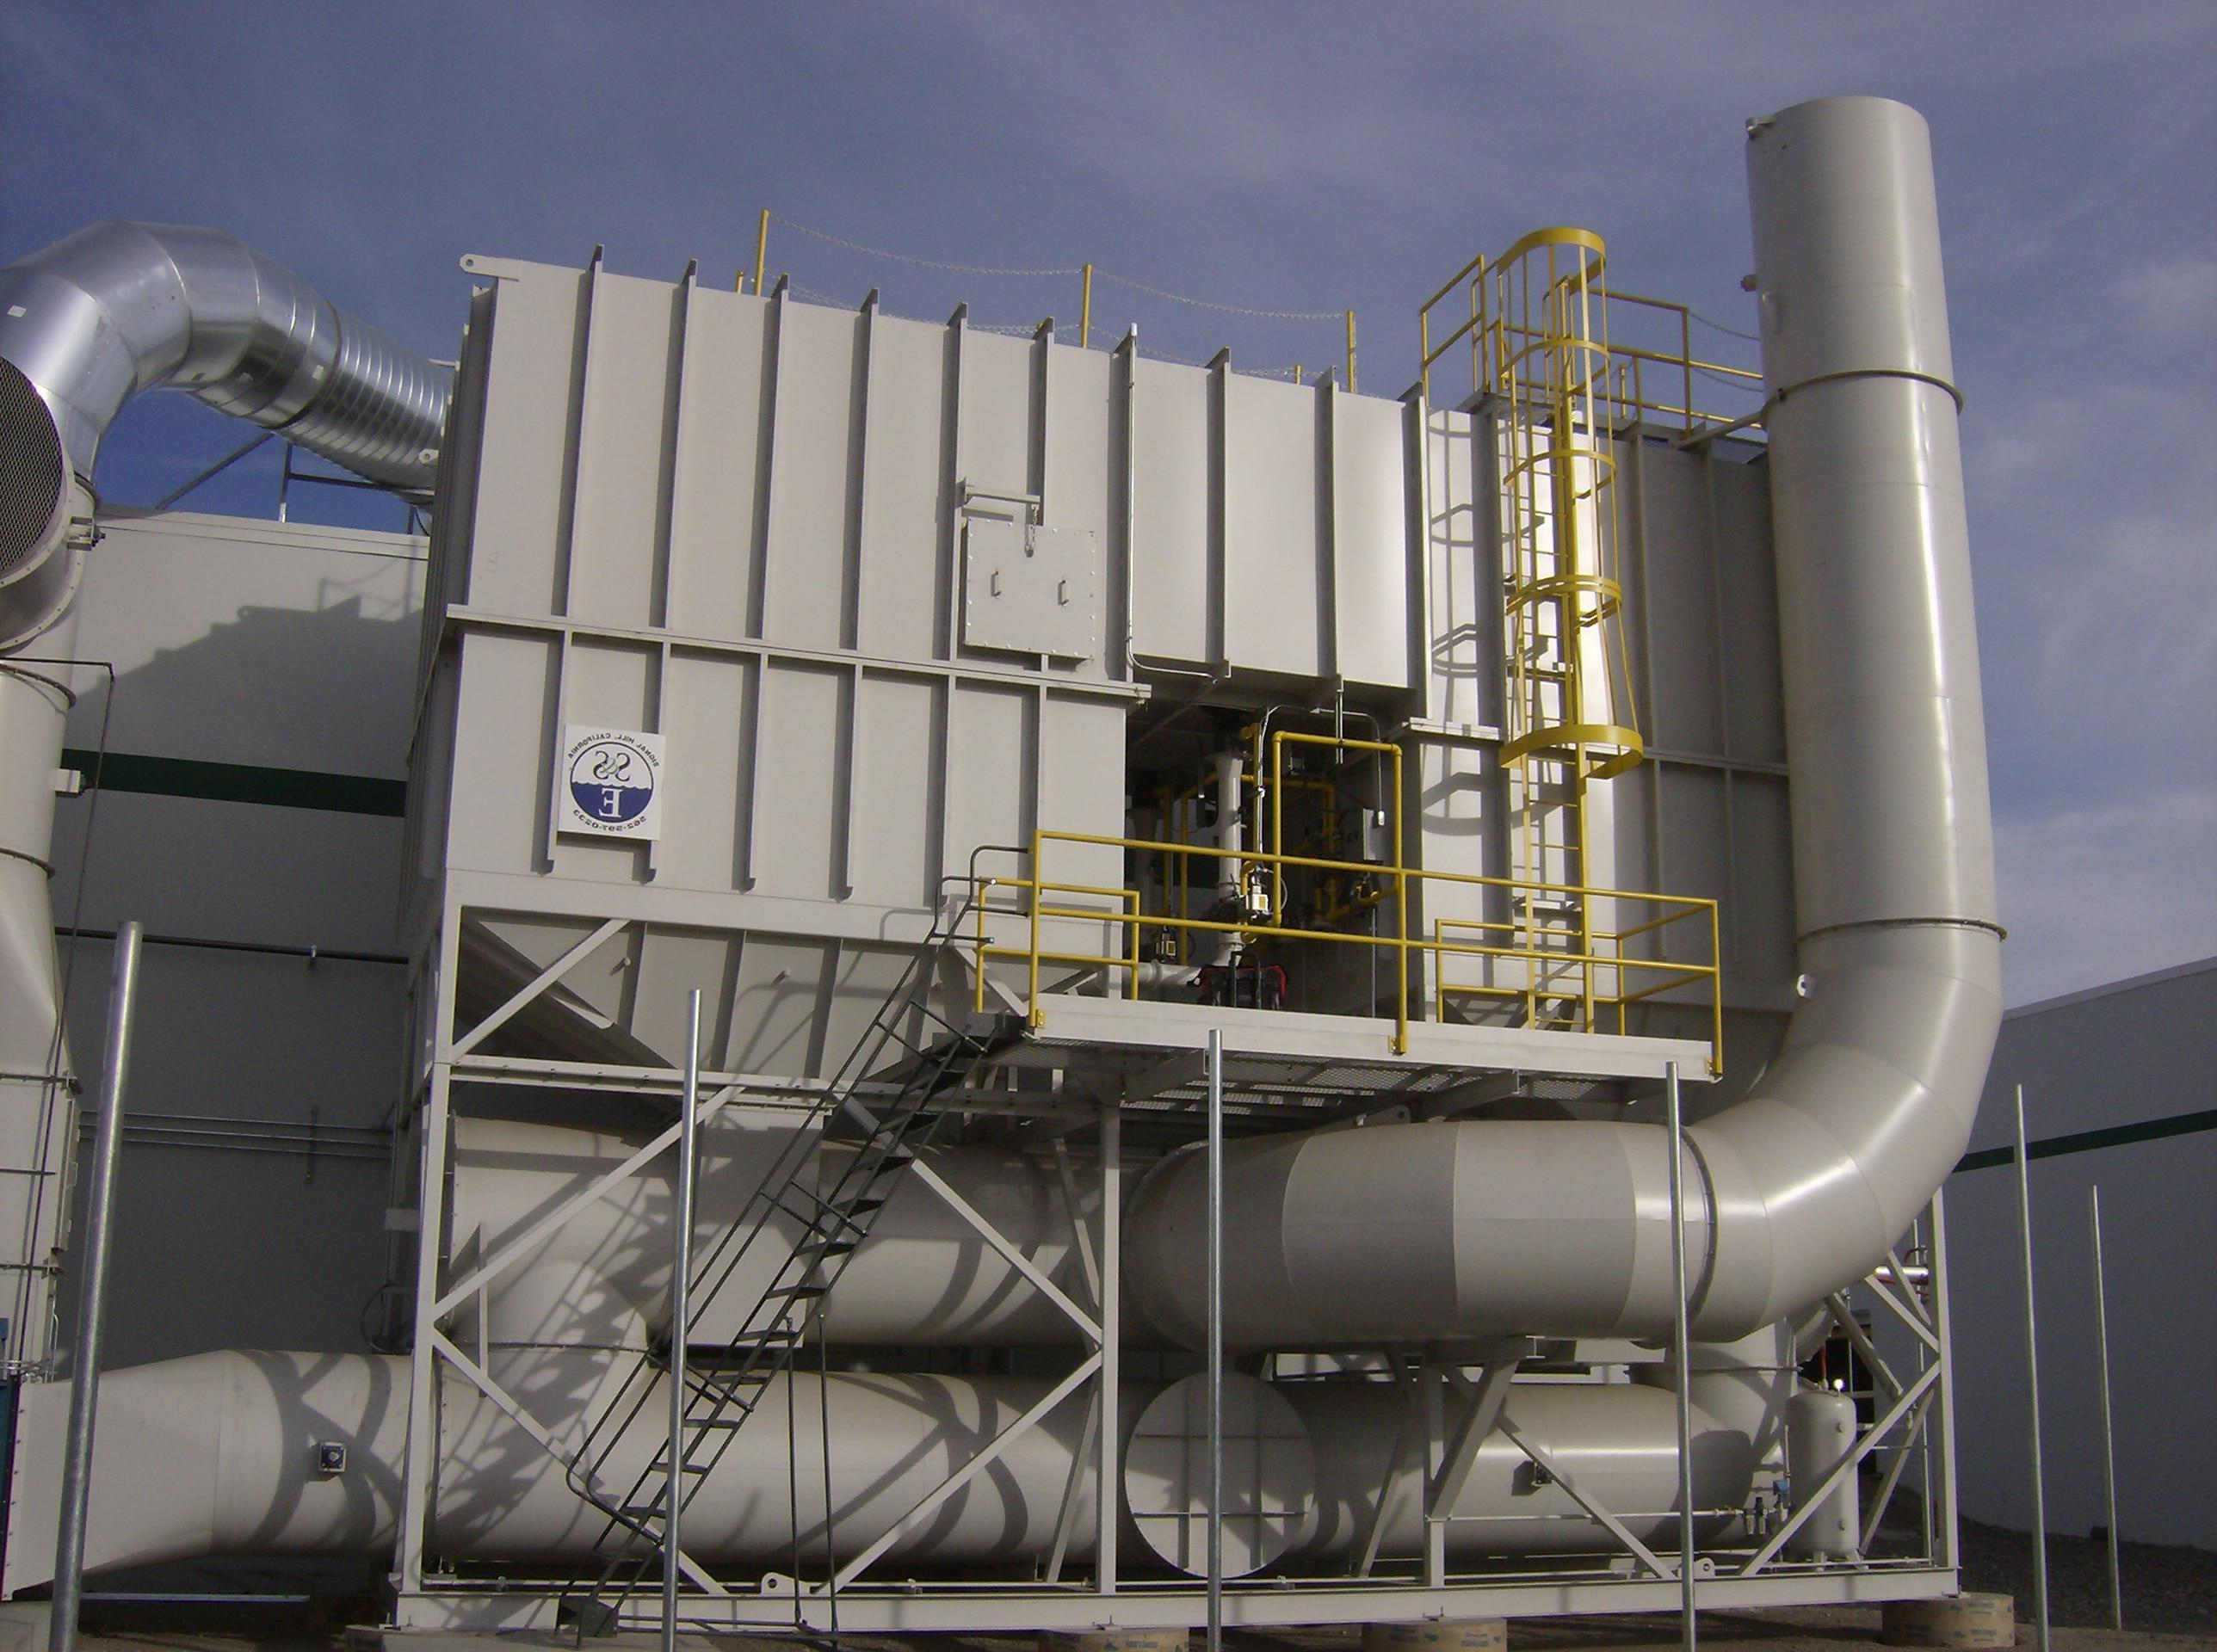 再生热氧化剂- 40000 SCFM